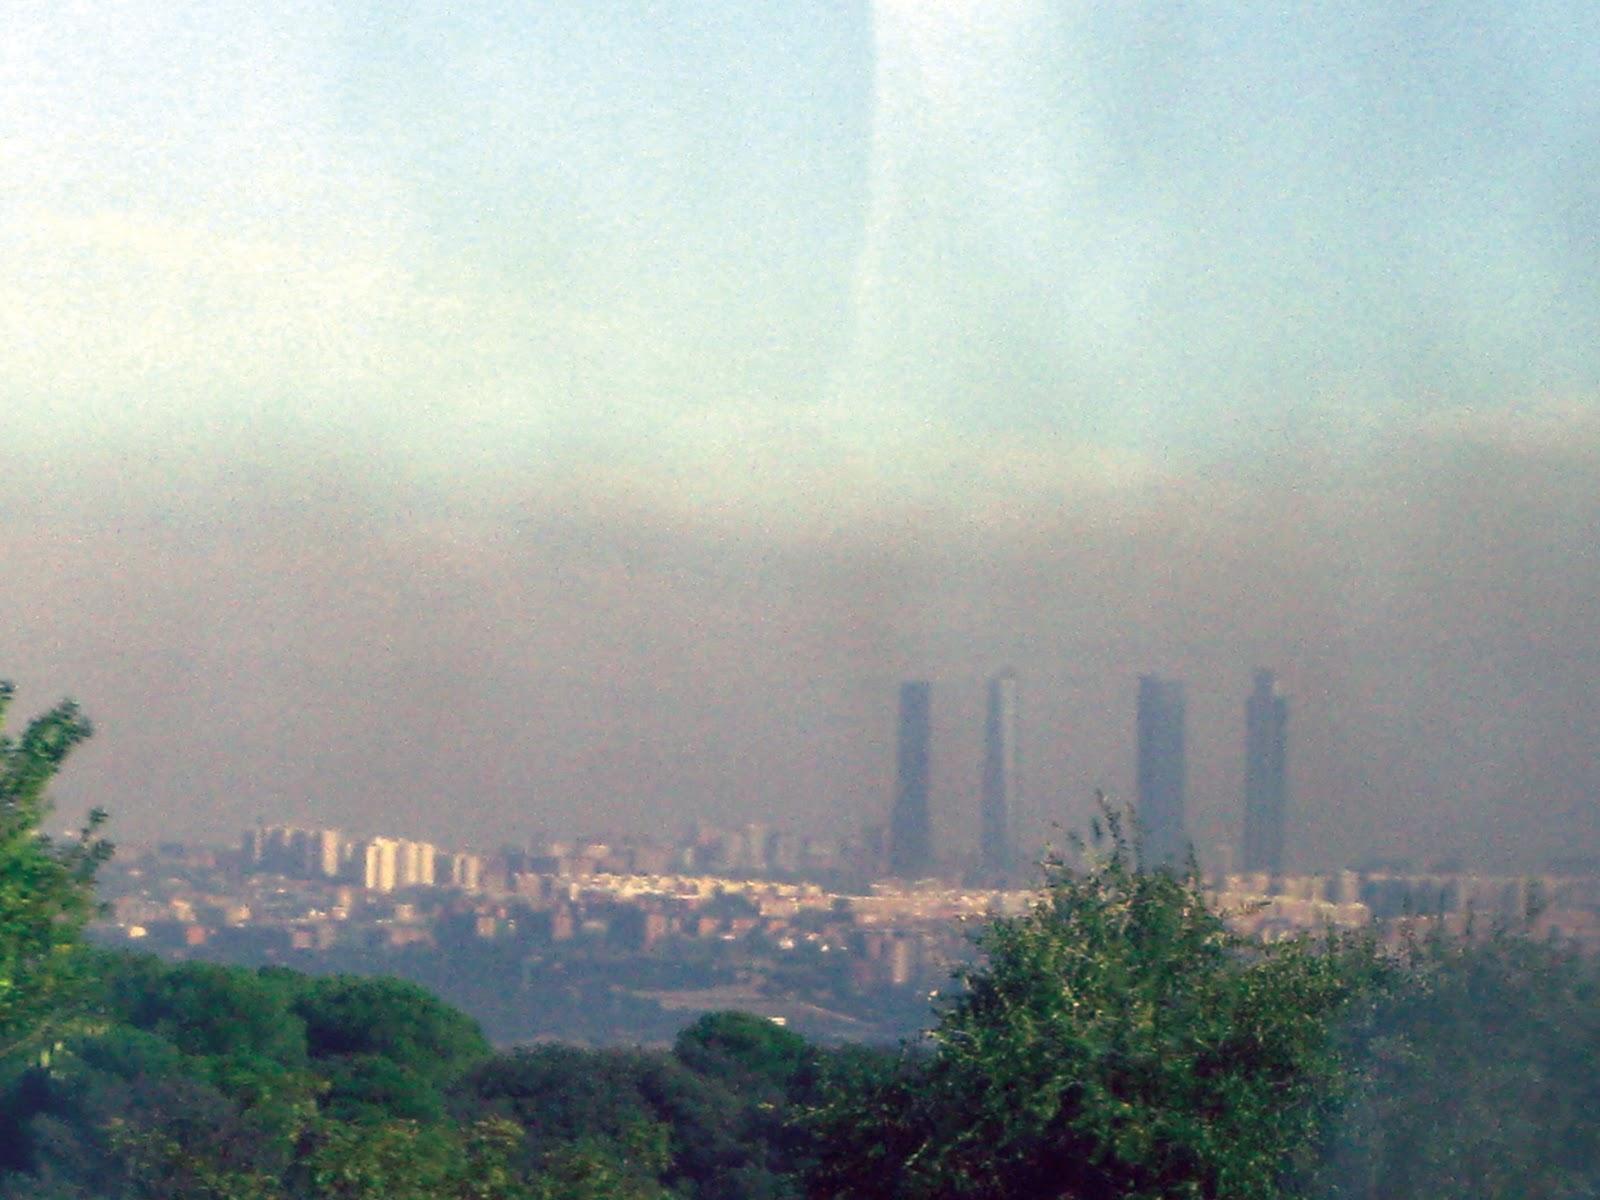 Efectos del smog fotoquimico en la salud humana